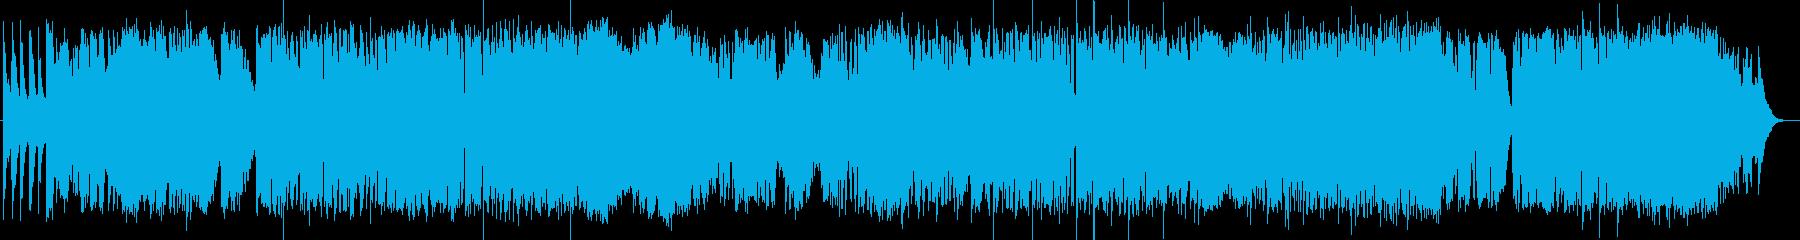 英語洋楽:後期ビートルズ・牧歌風プログレの再生済みの波形